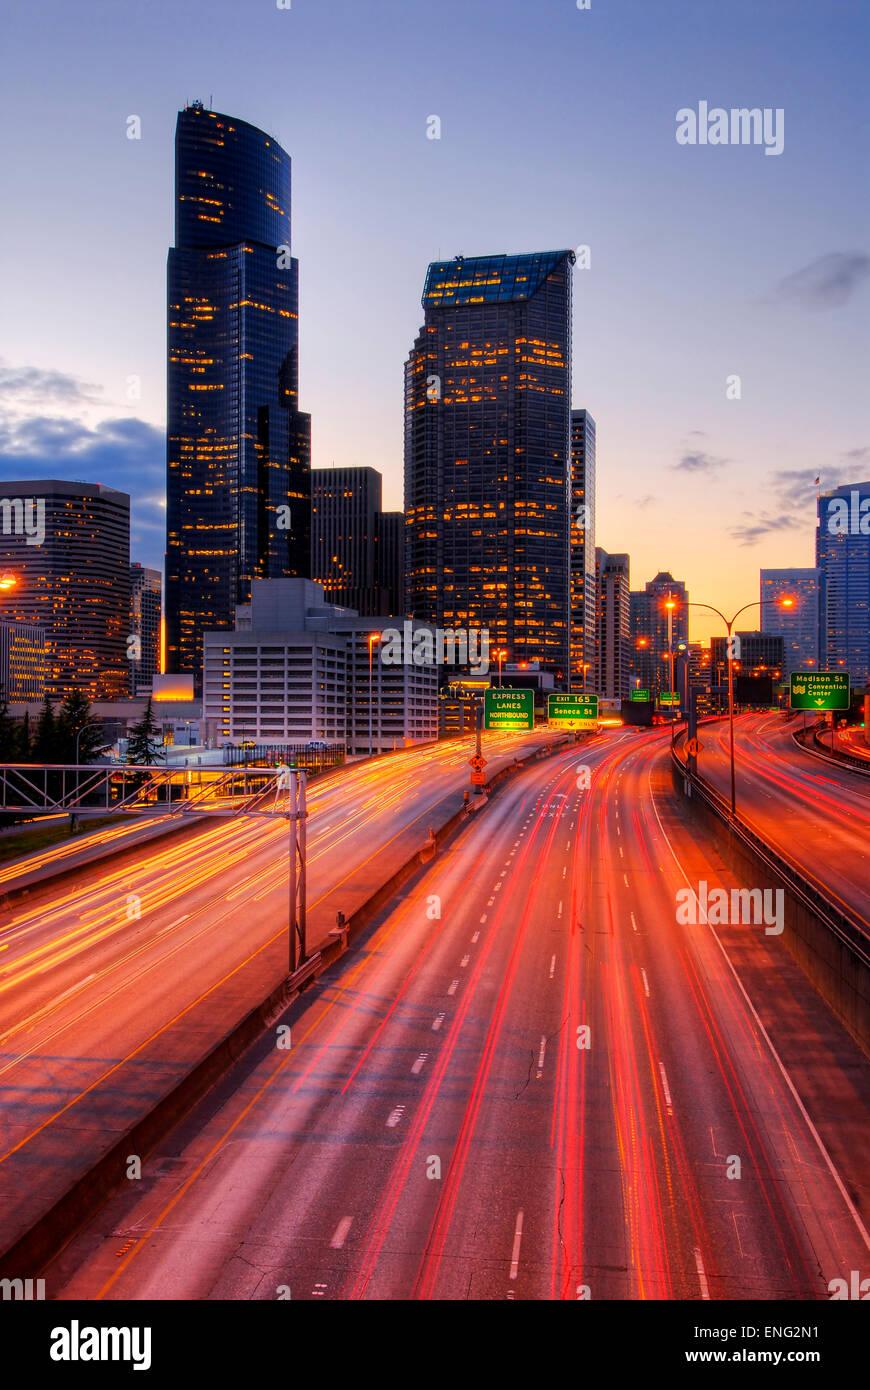 Vue d'exposition longue de la conduite à l'autoroute urbaine, Seattle, Washington, United States Banque D'Images